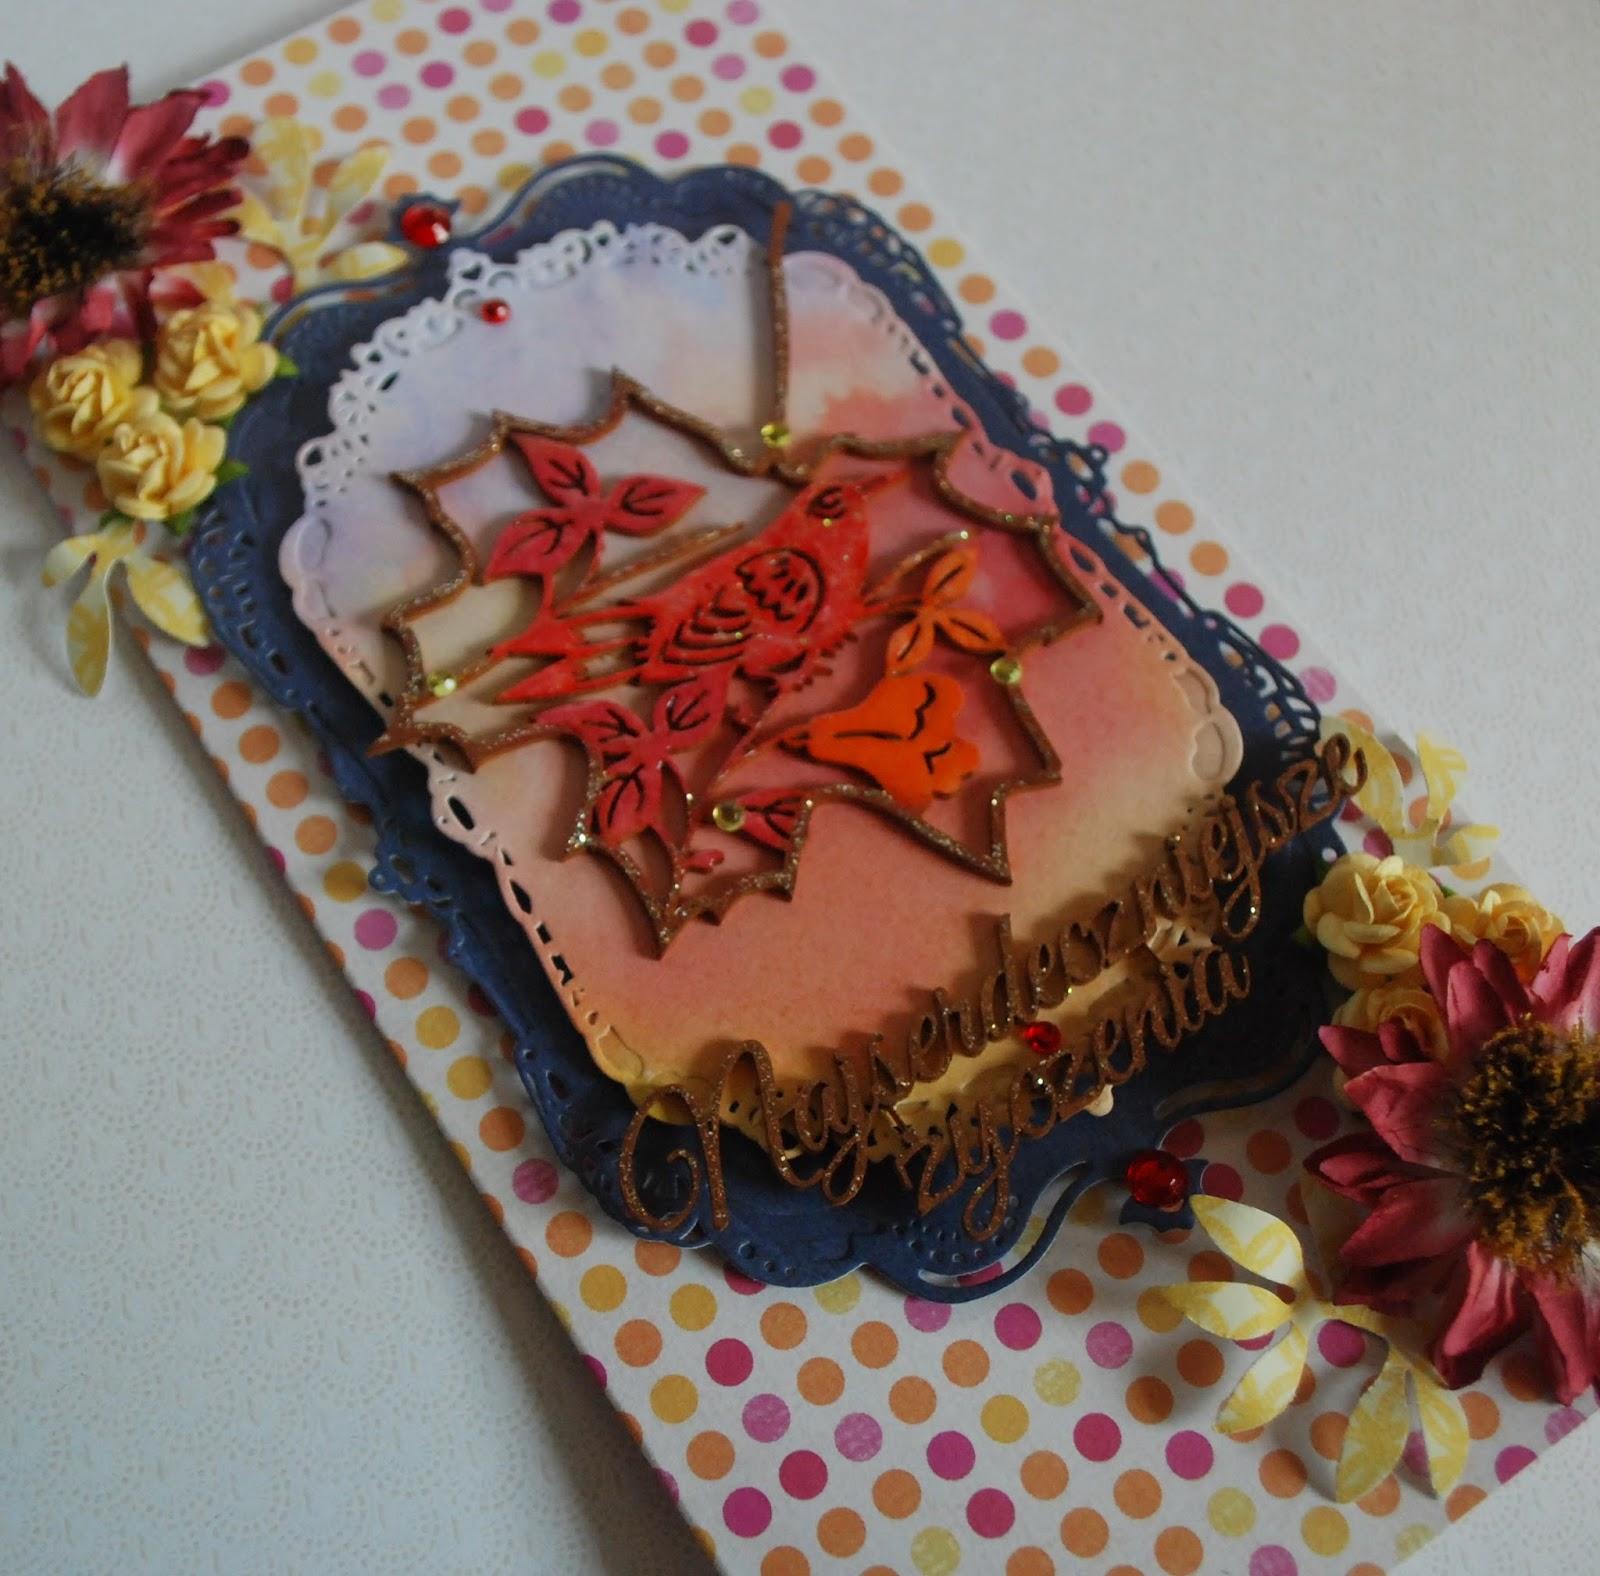 kartka urodzinowa, jesienne kolory